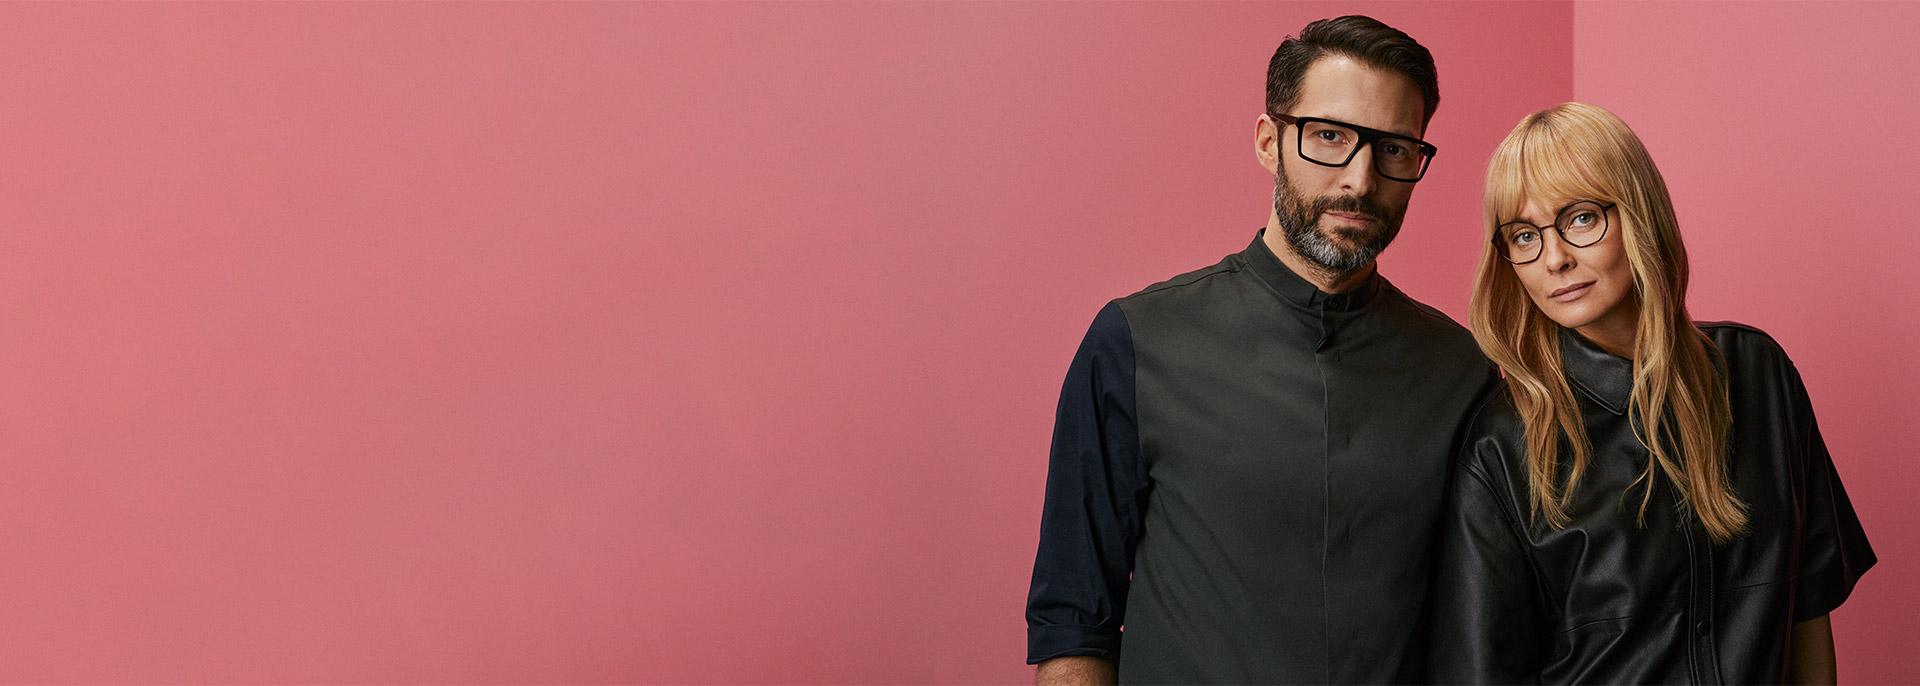 Lookbook - de senaste glasögontrenderna 2020